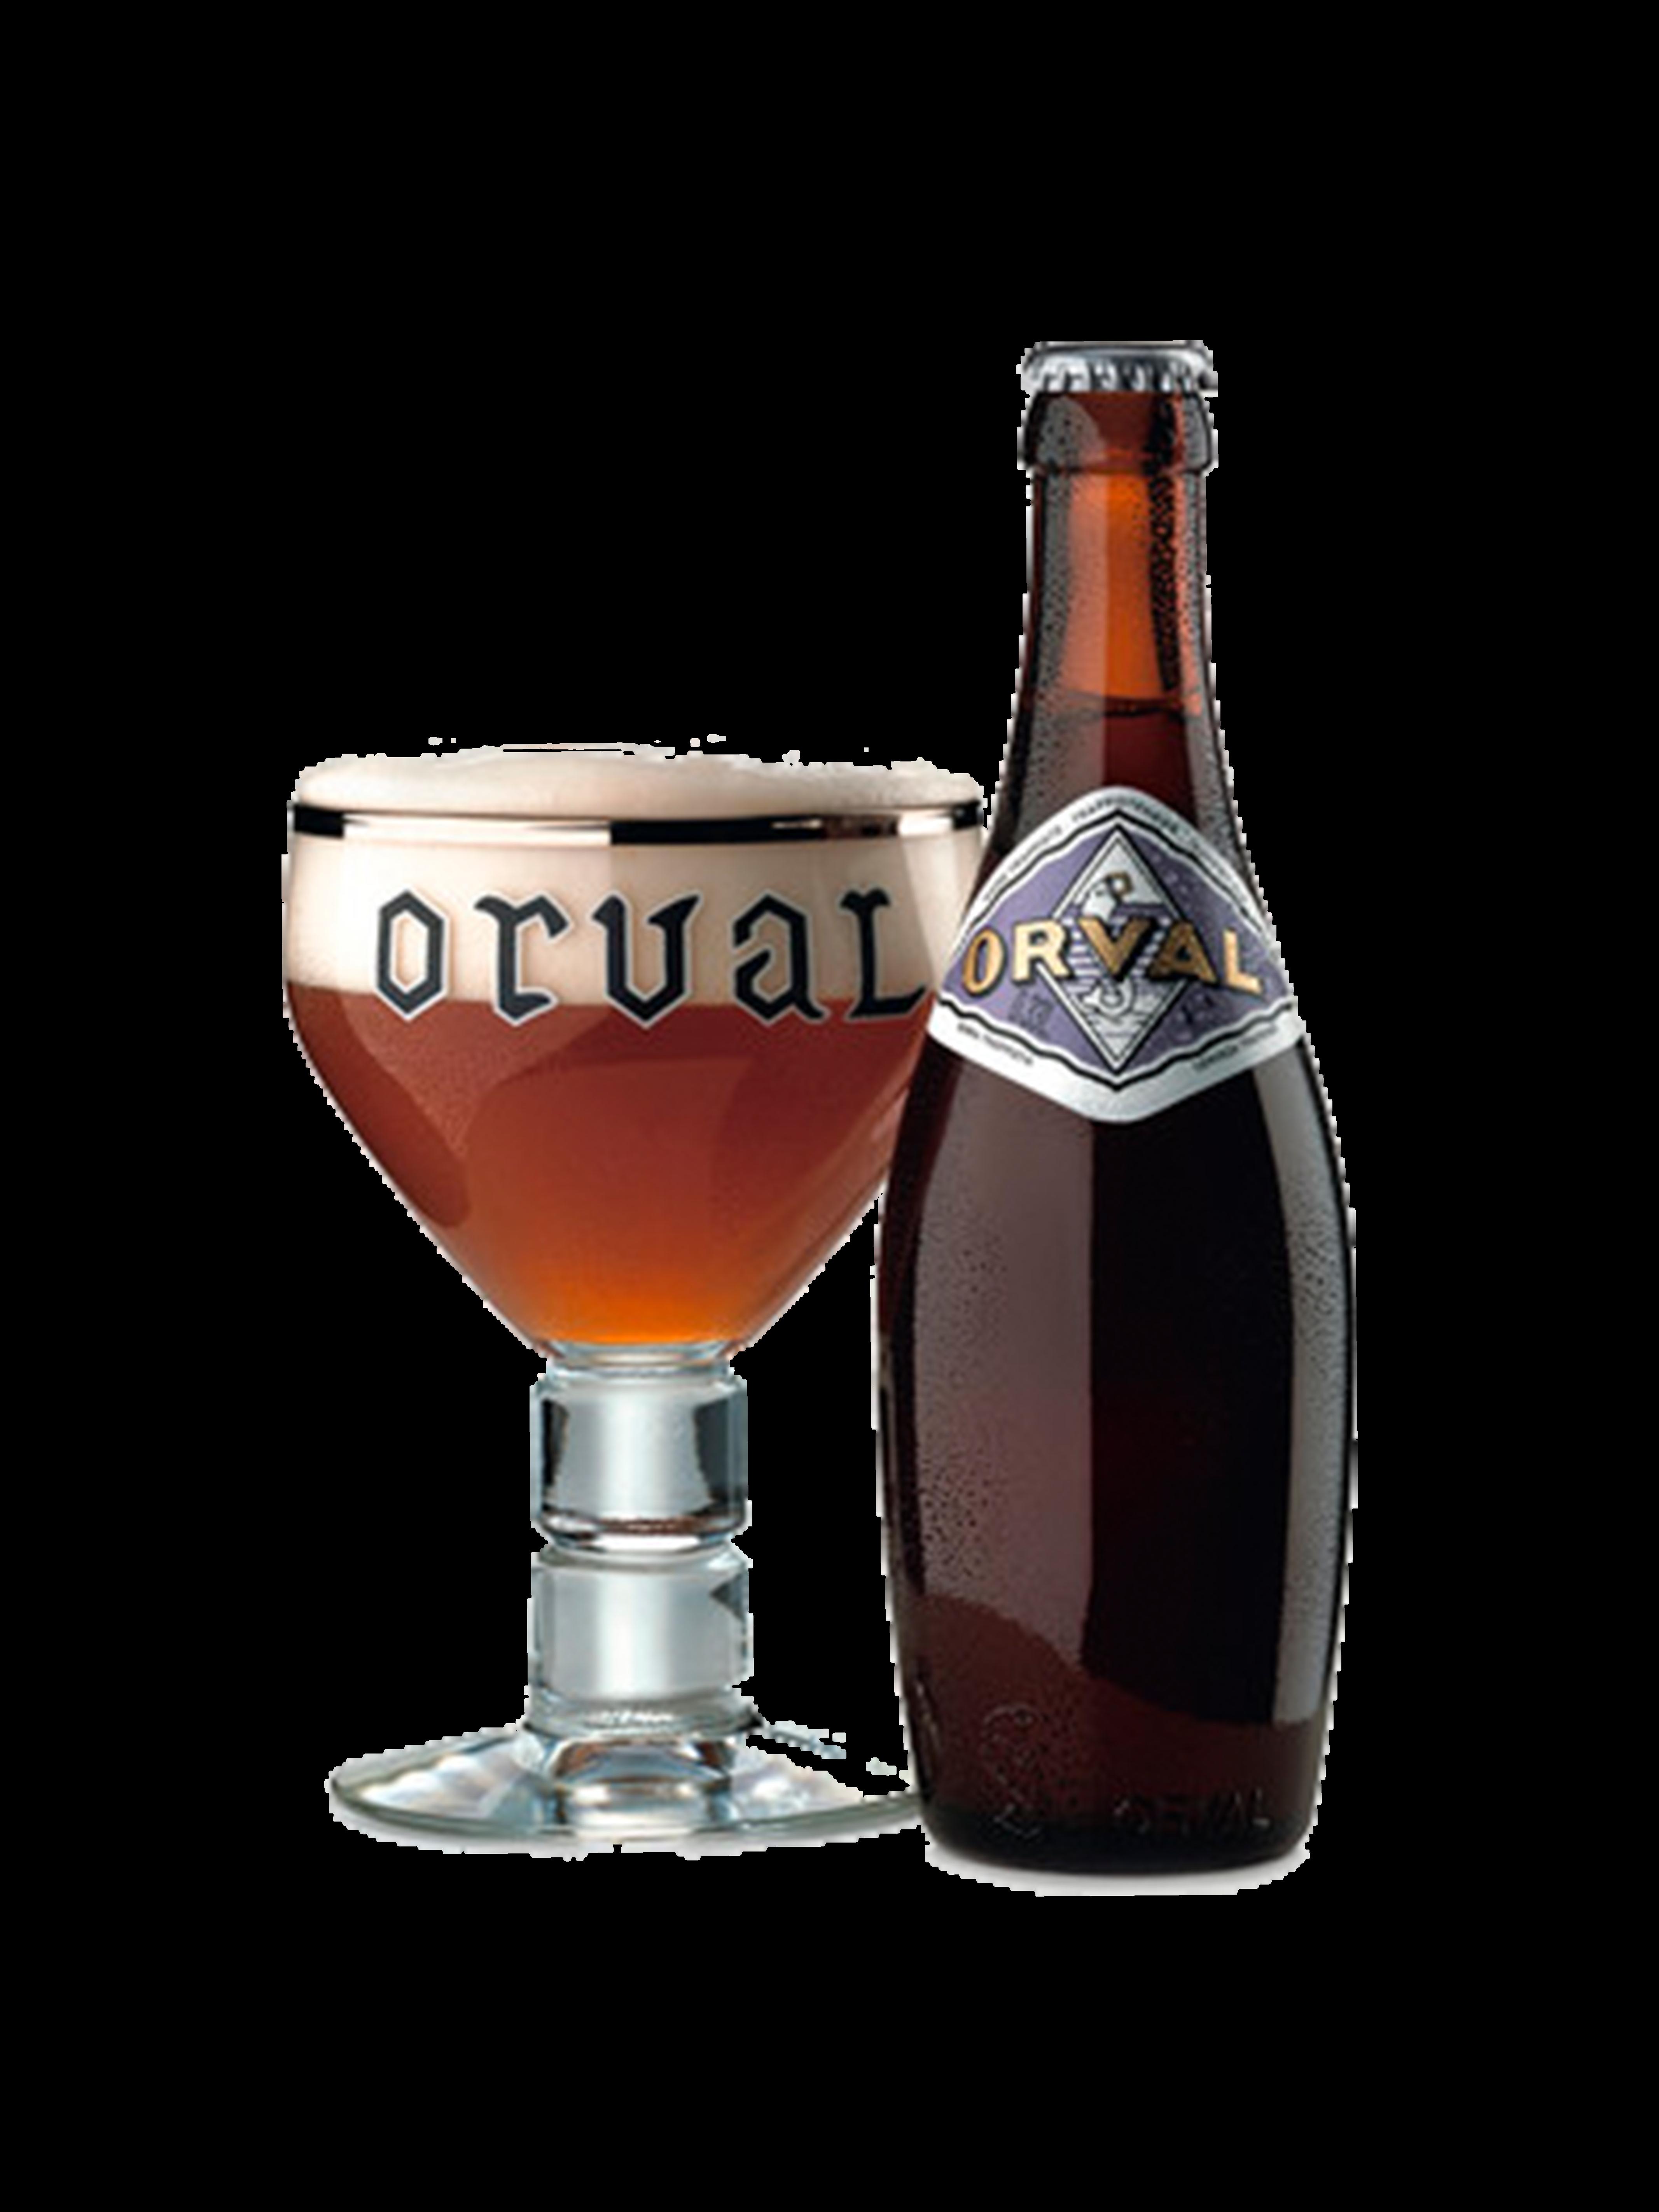 Bottiglia di birra con etichetta sul collo, a fianco un bicchiere